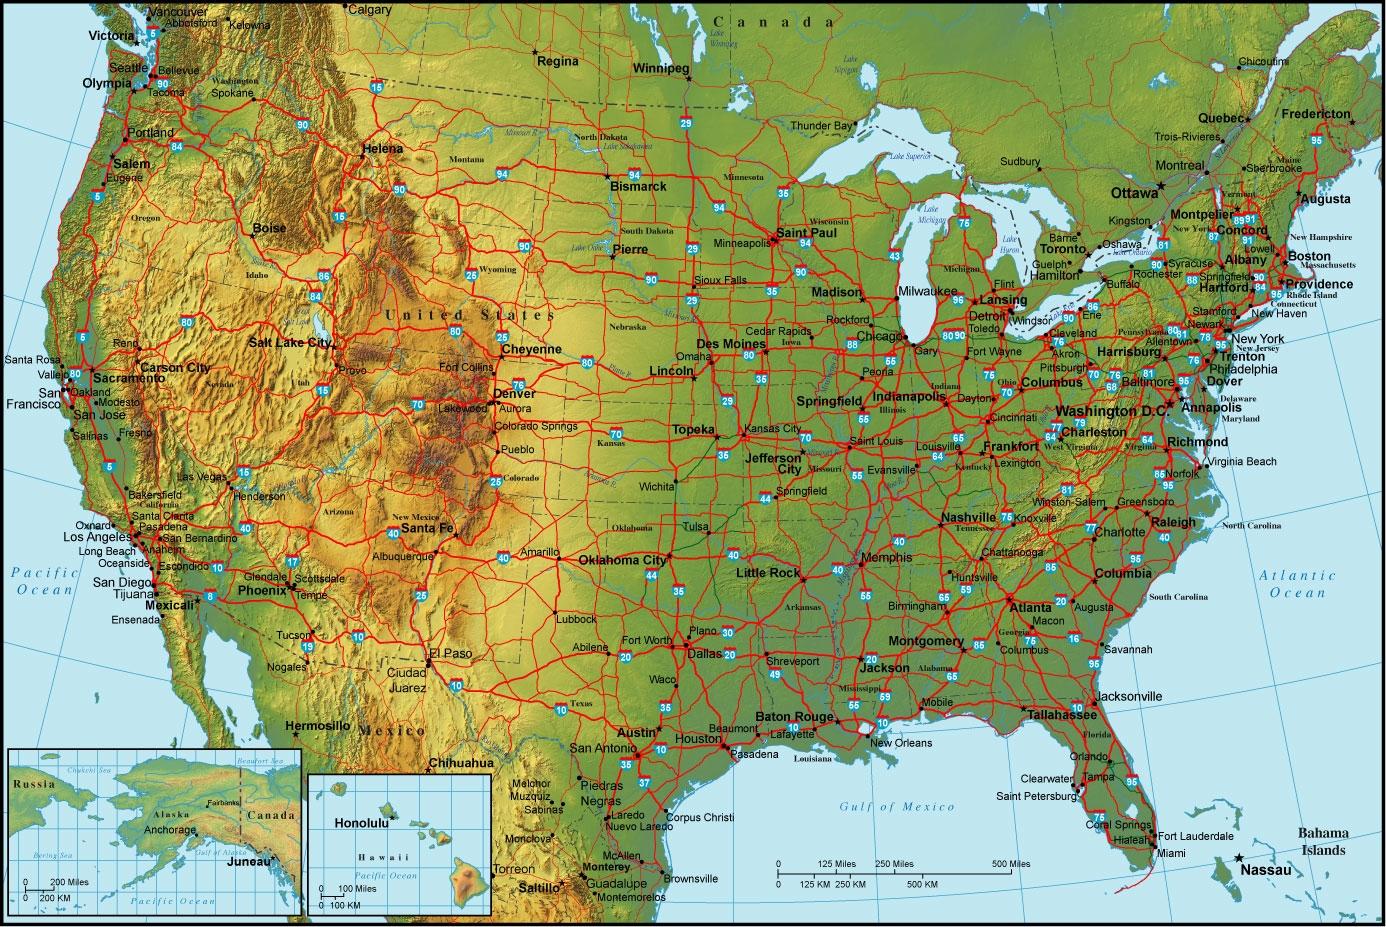 Detailed Map United States on Idaho Railroad Maps